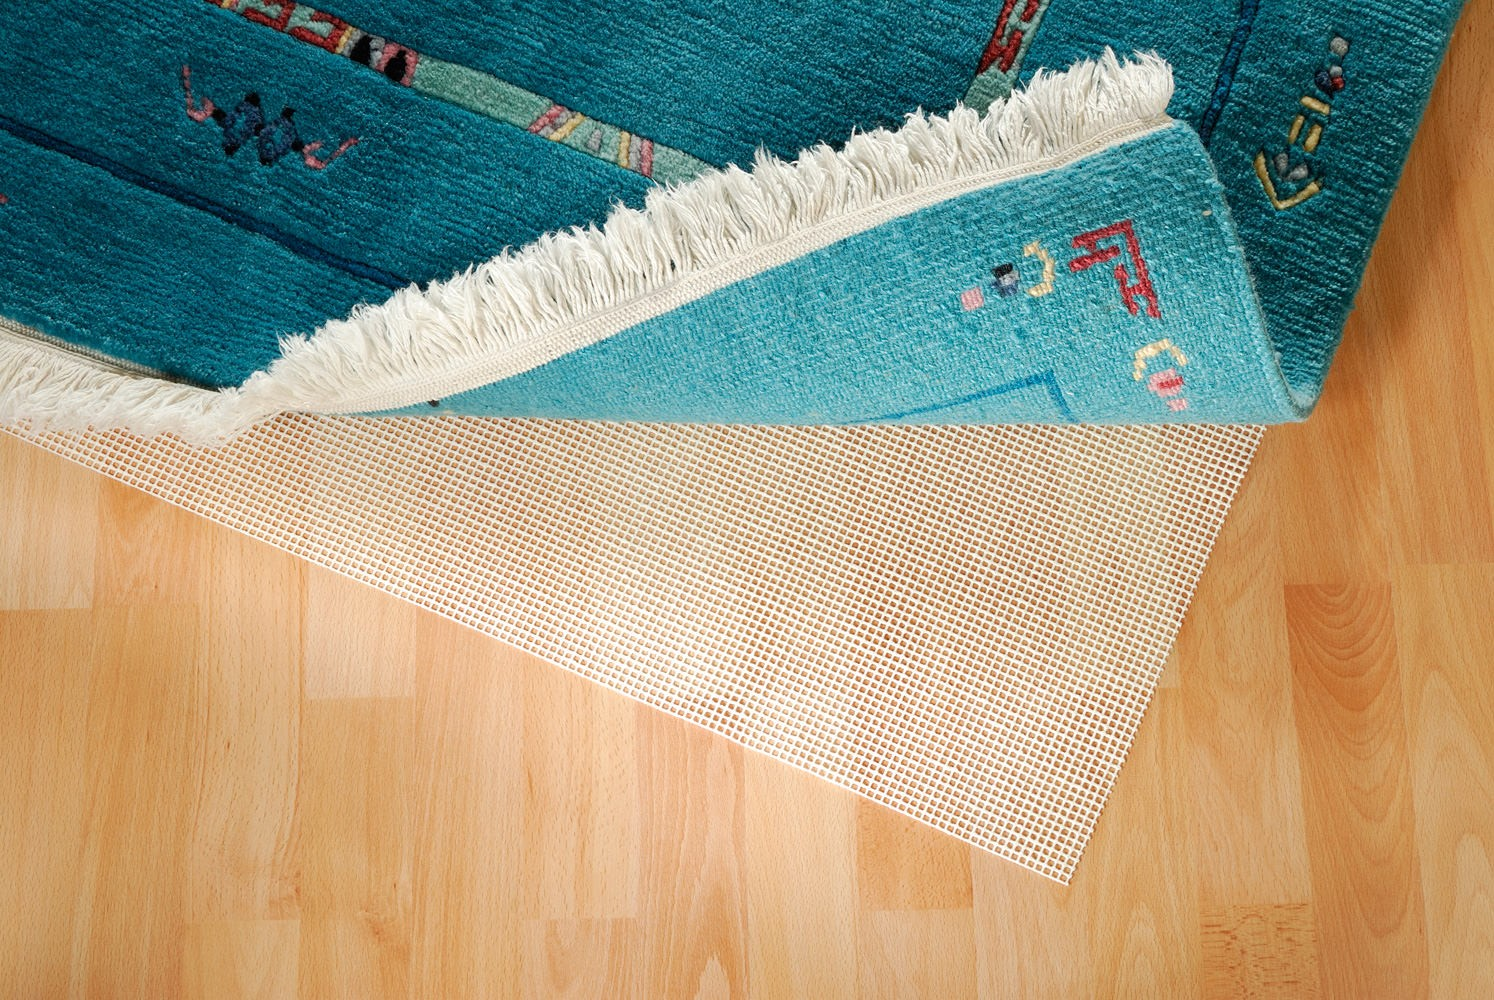 Teppichunterlage Gitter Star breite 240 cm (für glatte Böden)